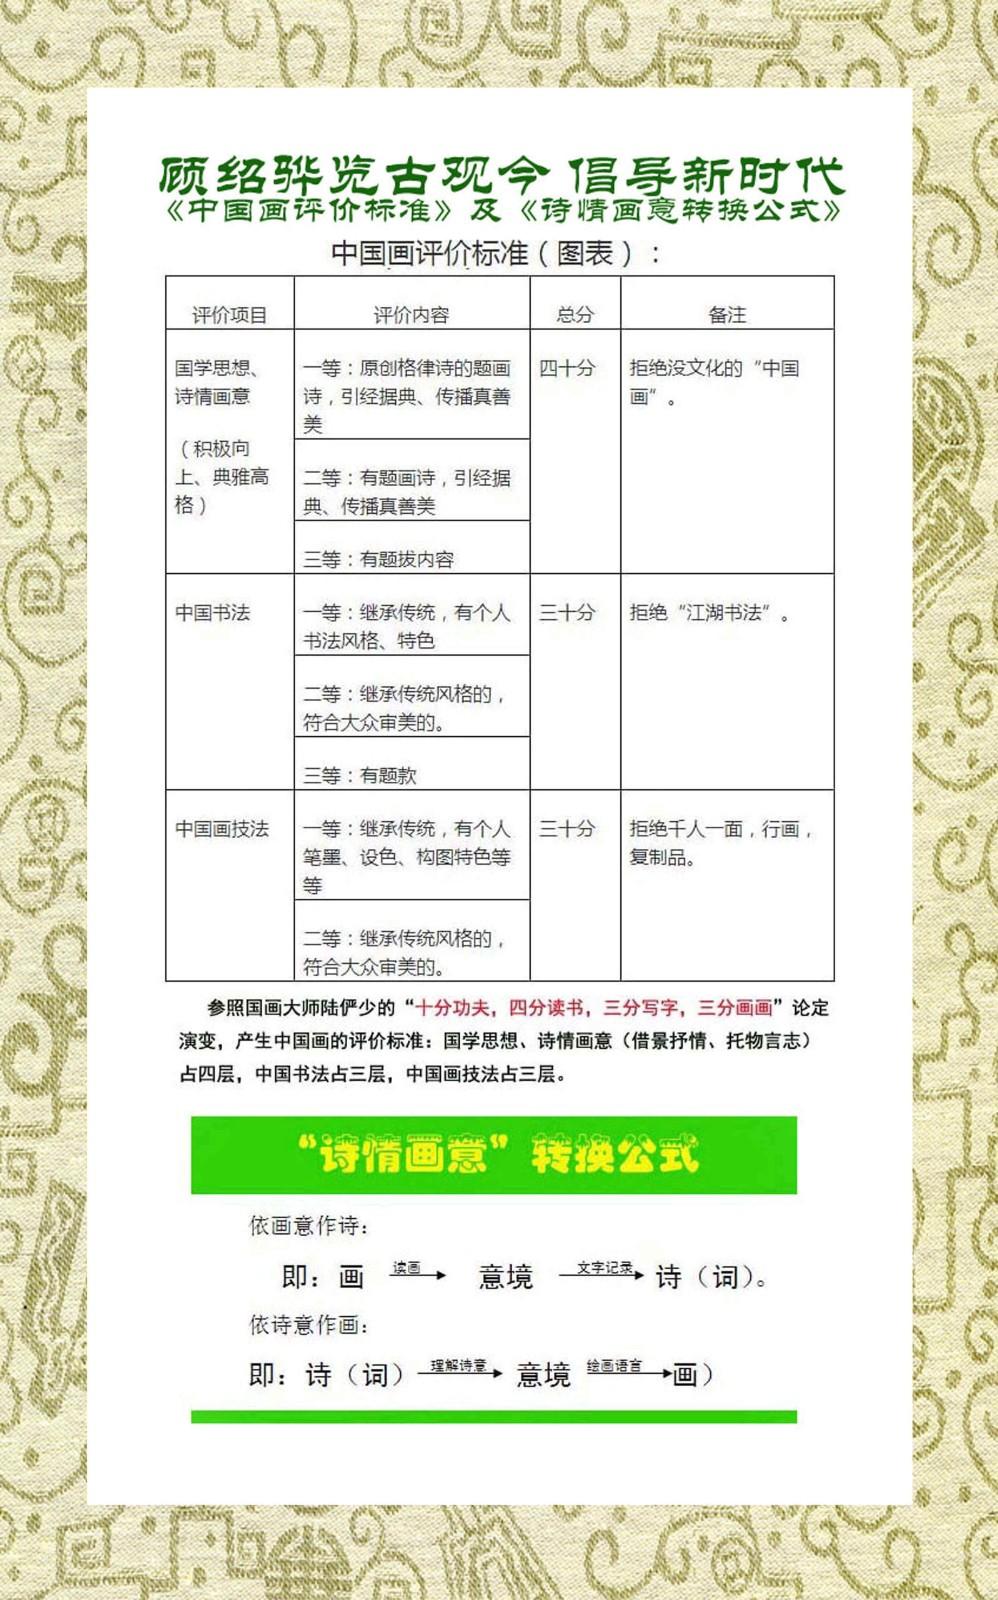 中国画评价标准不应该受制于人!_图1-1